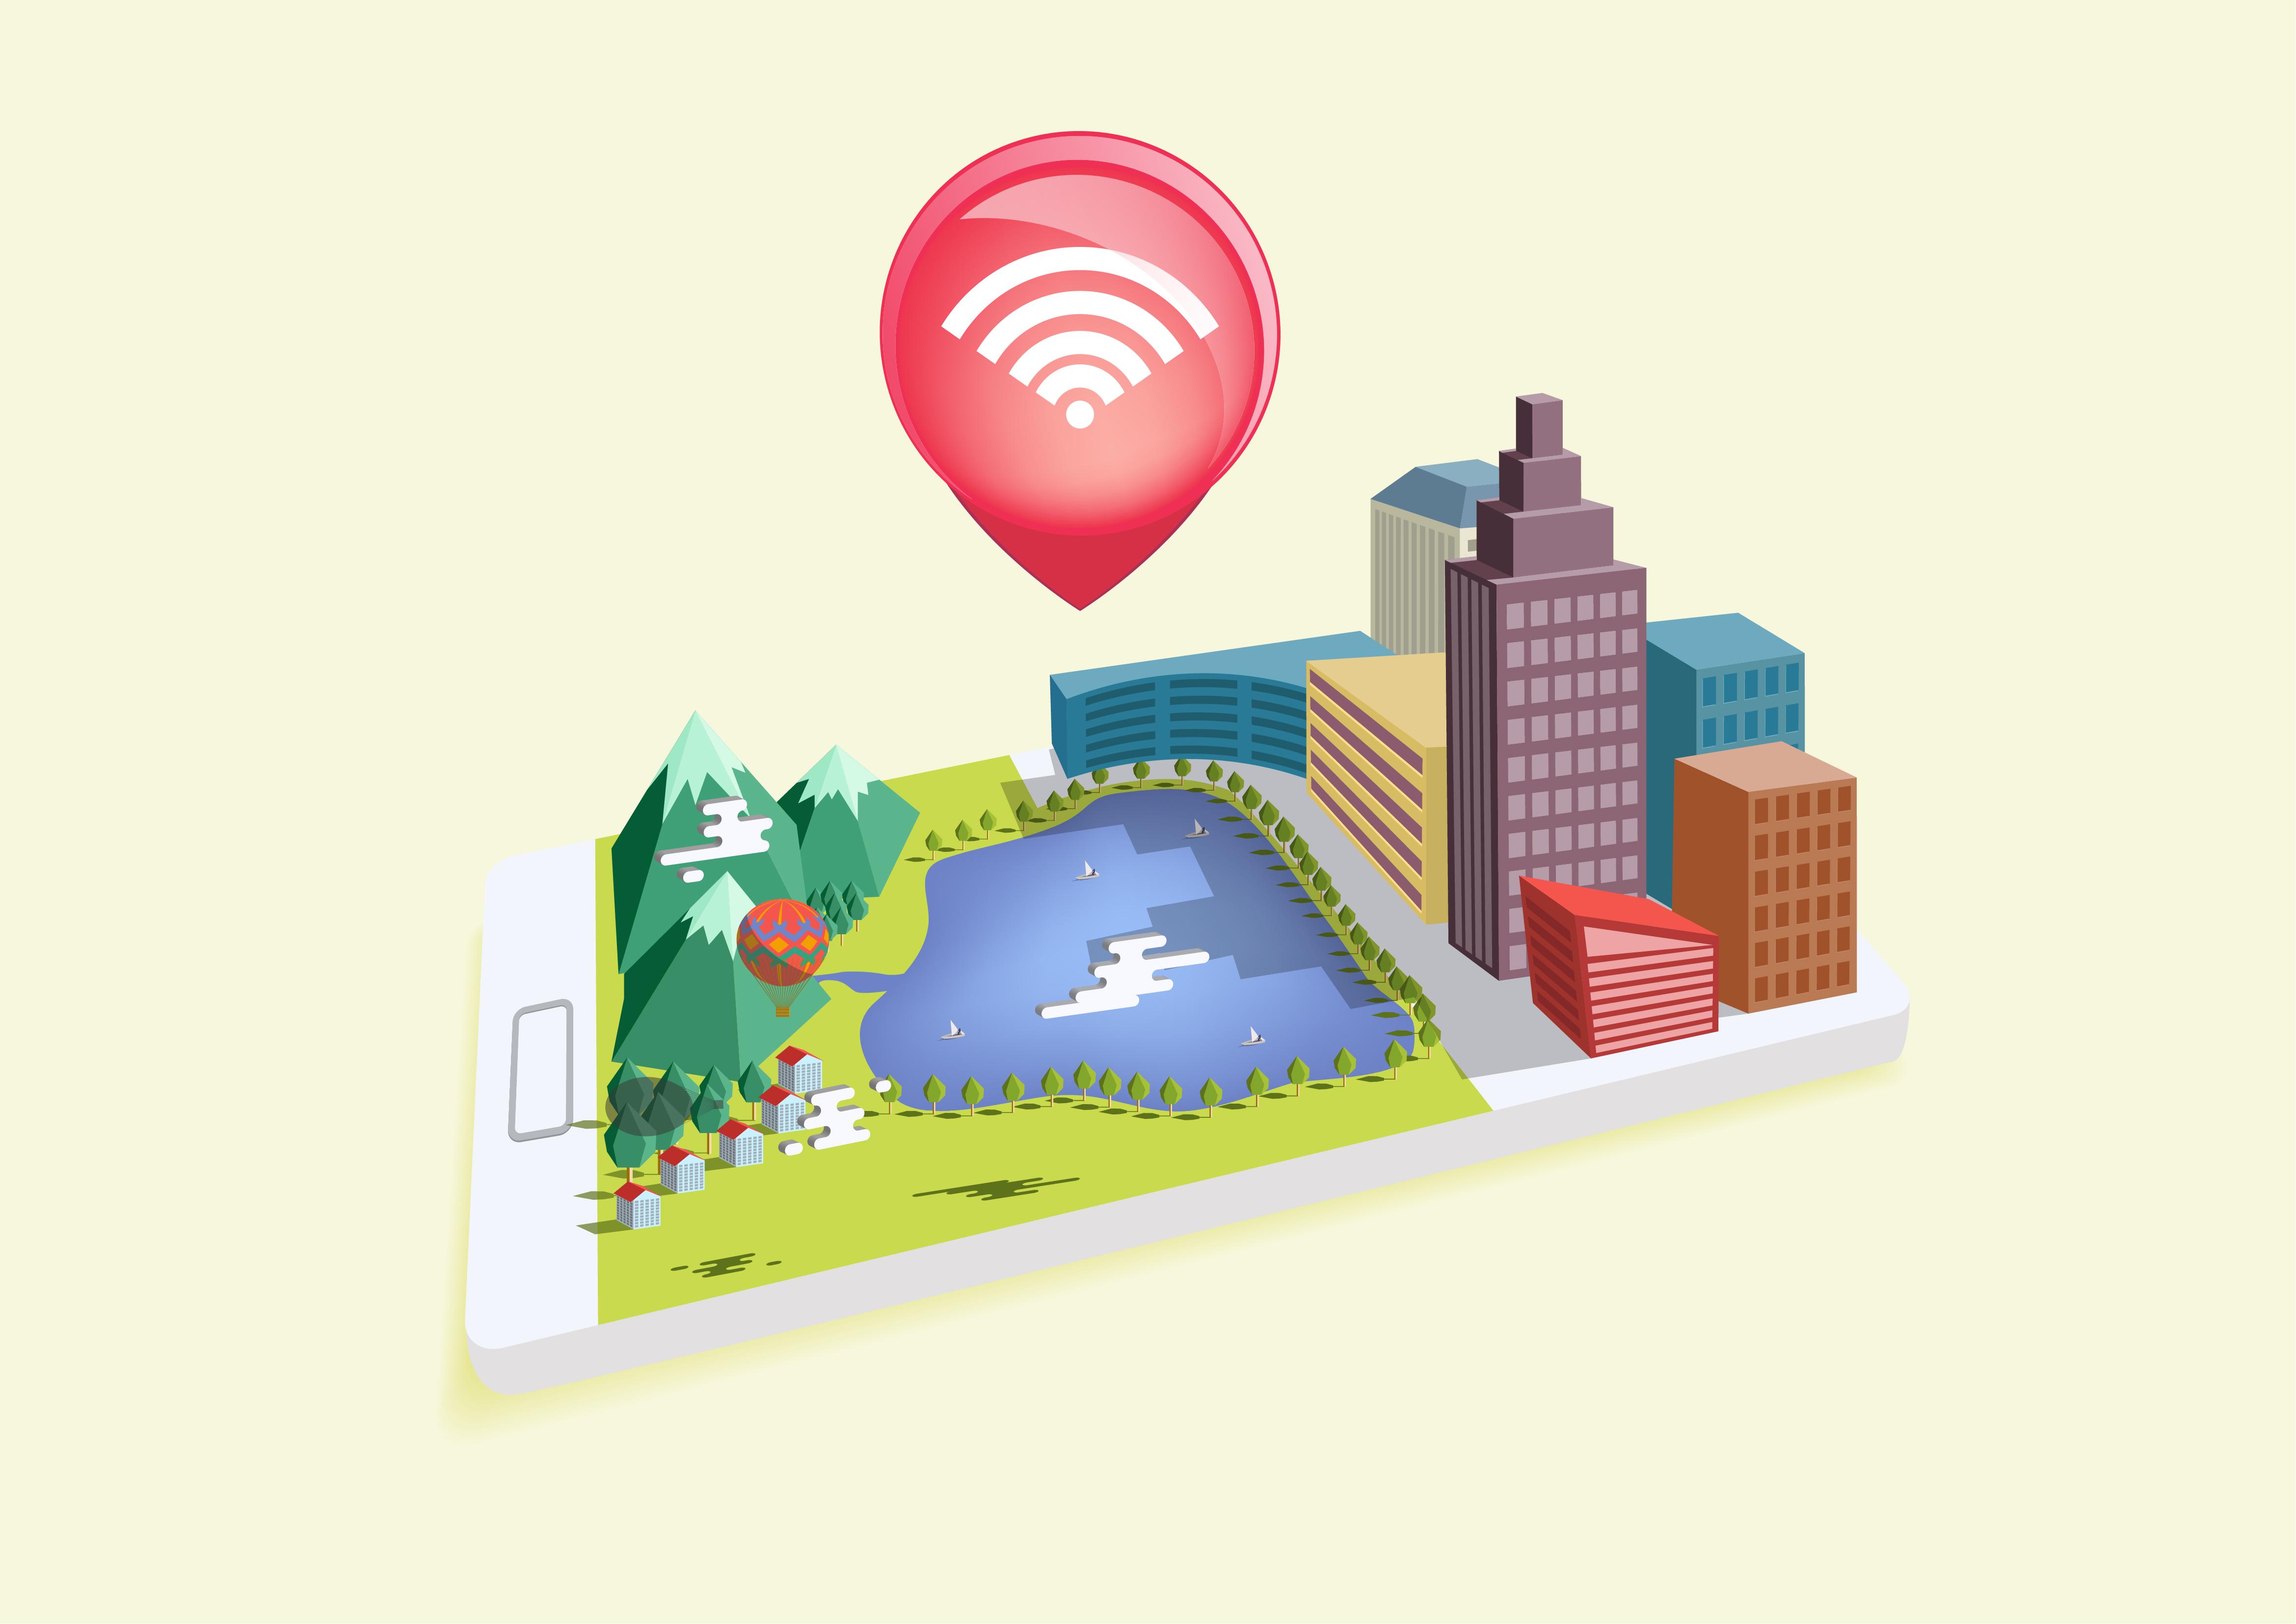 Imagem criada digitalmente composta por uma cidade em 3D feita em cima de um smartphone. A cidade conta com um grande lago e uma área verde, além do símbolo do wi-fi logo acima do aparelho, demonstrando a importância de uma cidade digital.